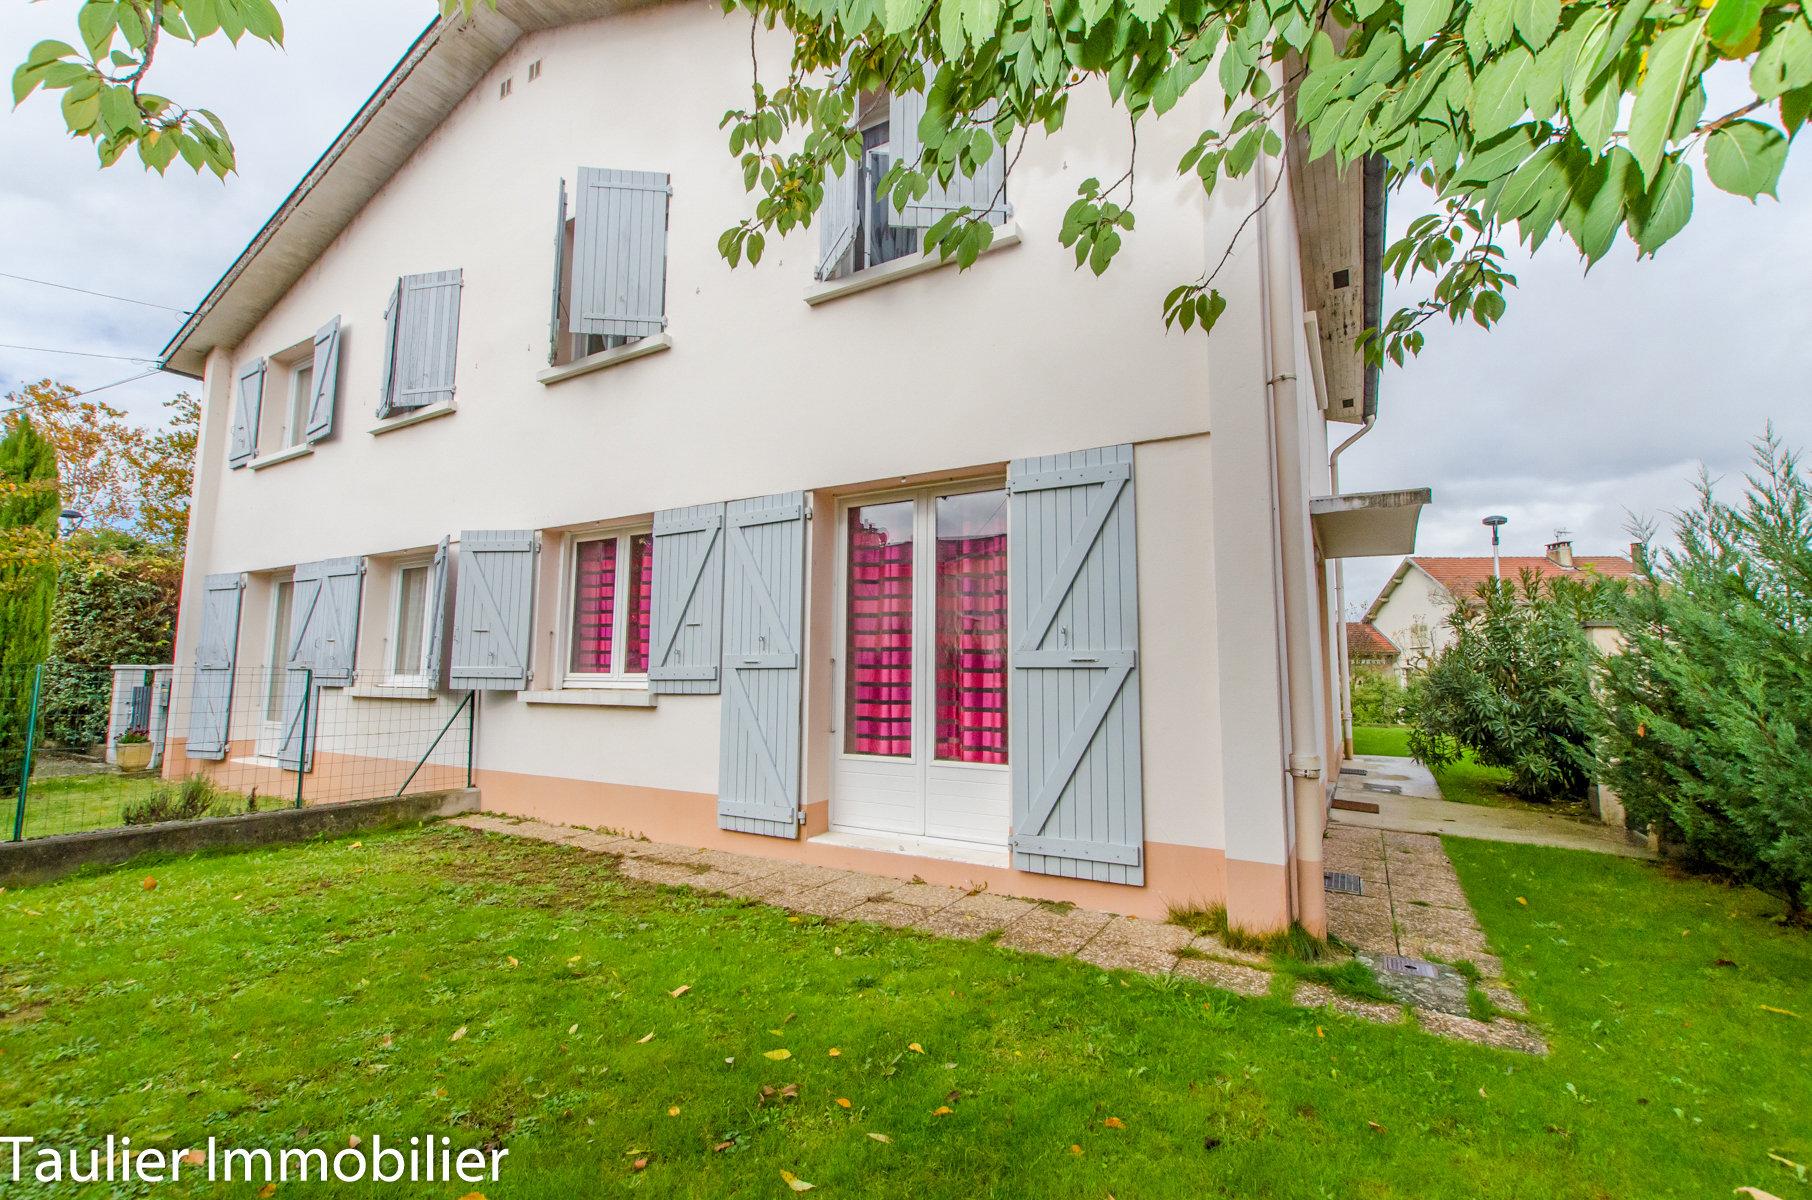 Maison T4duplex avec jardin